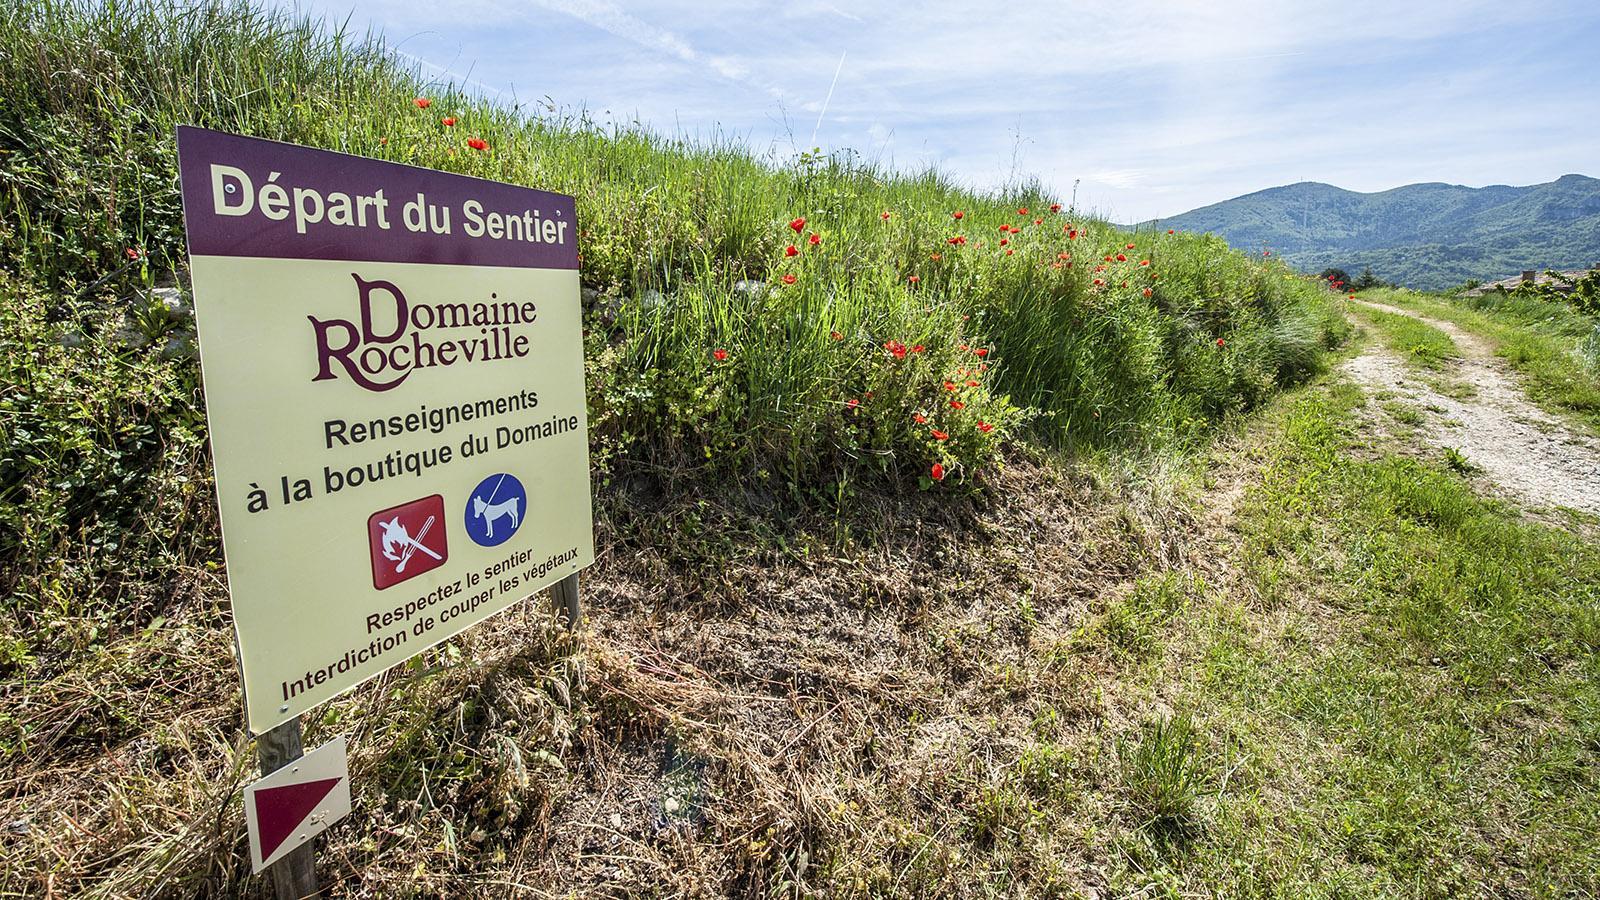 HIer beginnt die Rando Terroir der Domaine Rocheville. Foto: Hilke Maunder